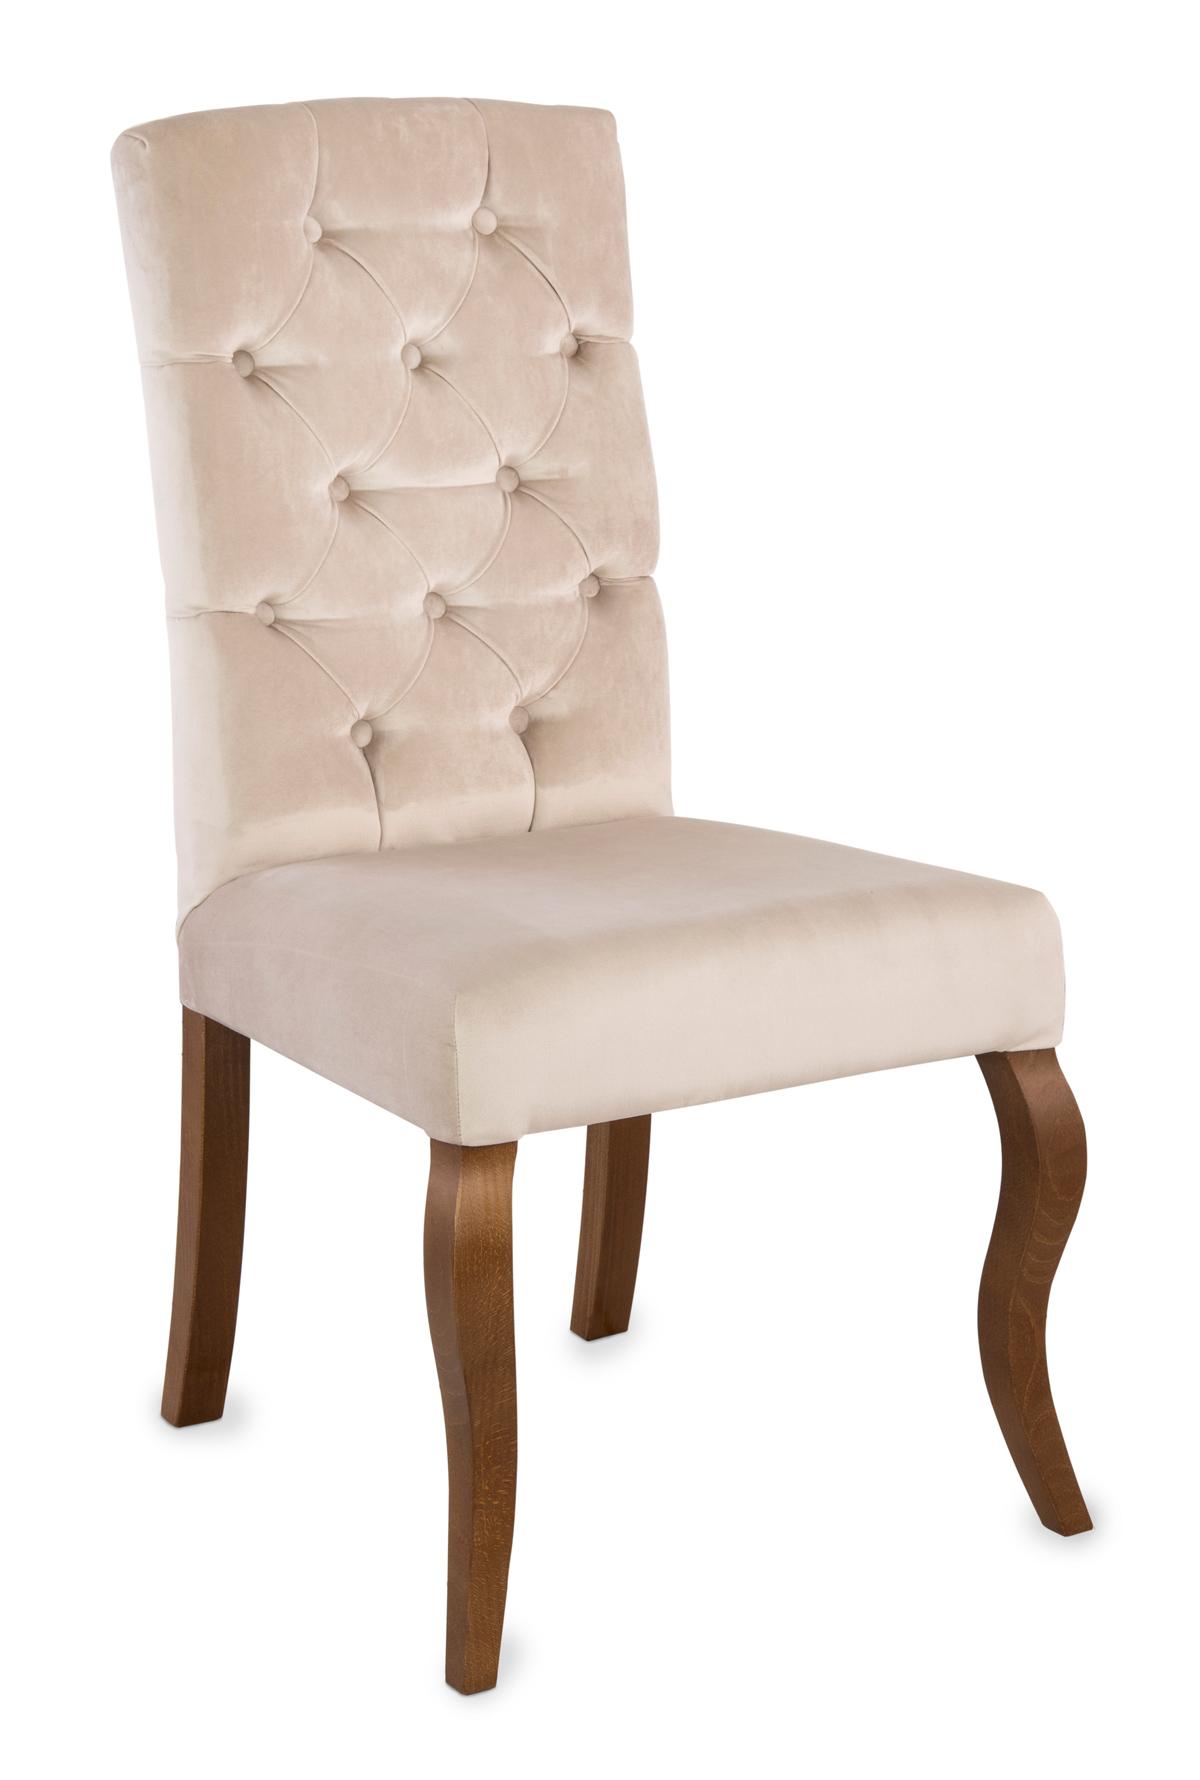 Krzesło Astoria pikowanie Chesterfield, nogi Ludwik